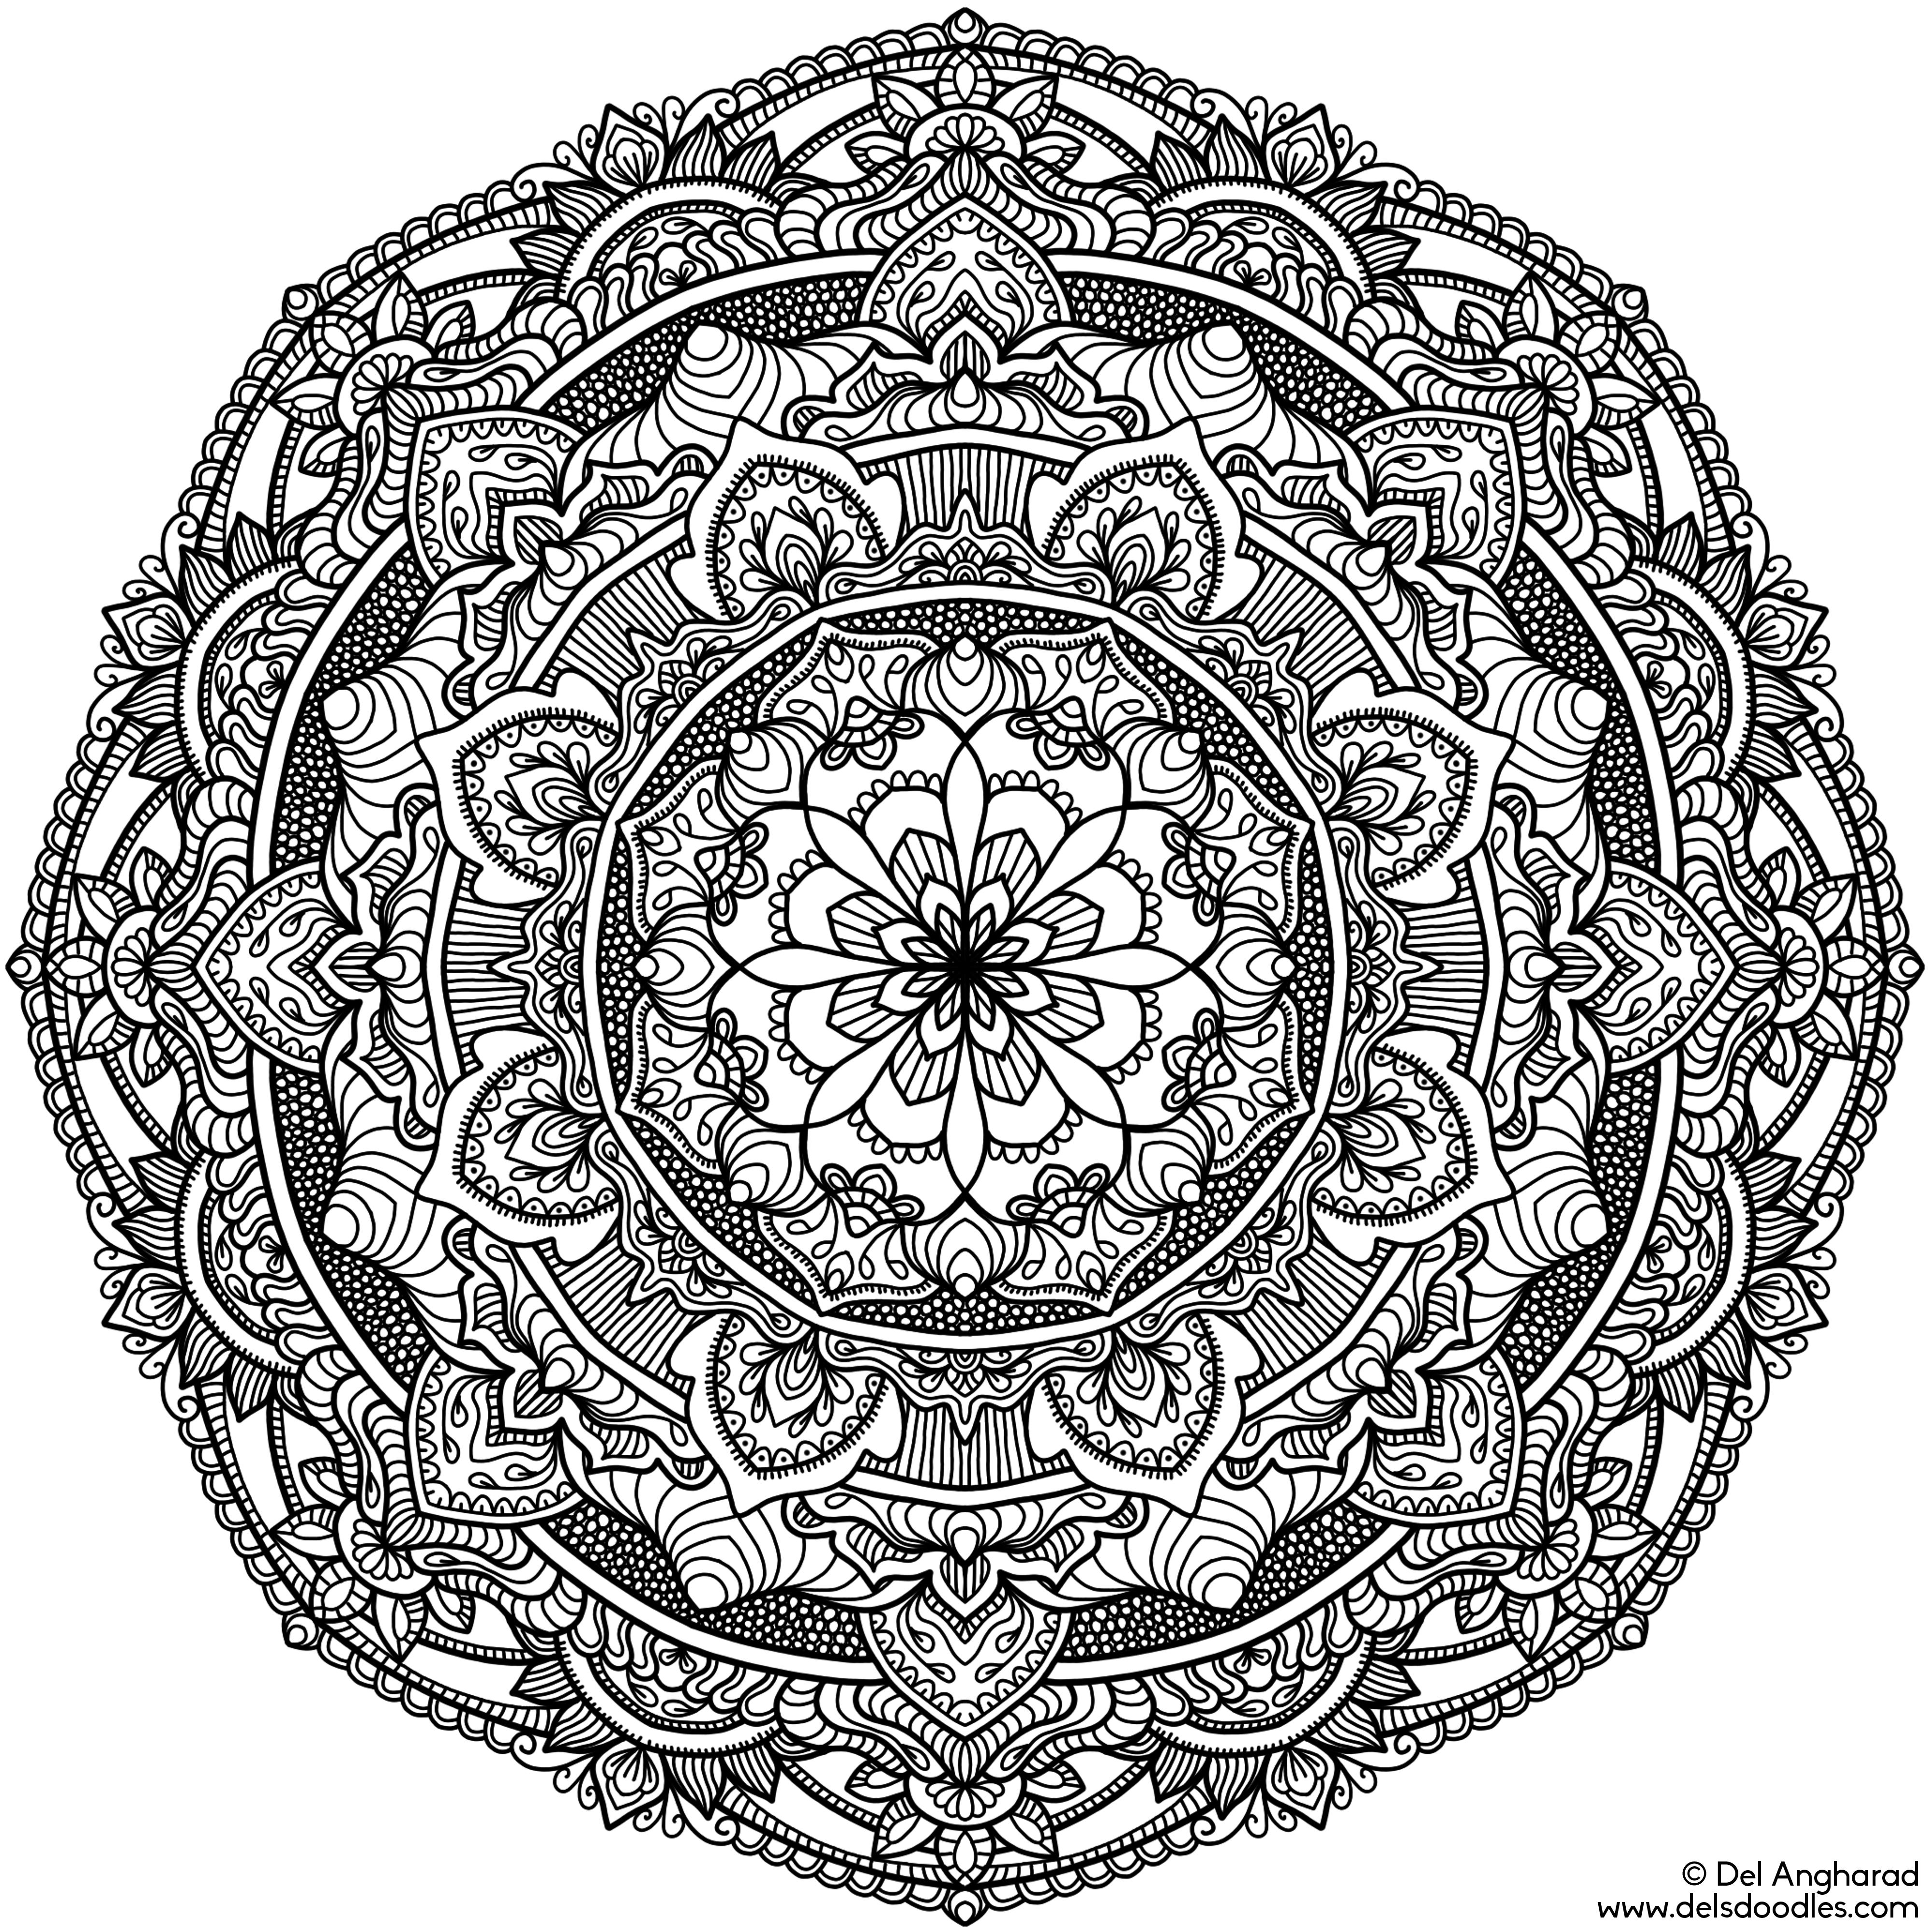 Pin de cecilia coria en imprimir | Pinterest | Mandalas, Patrones y Arte